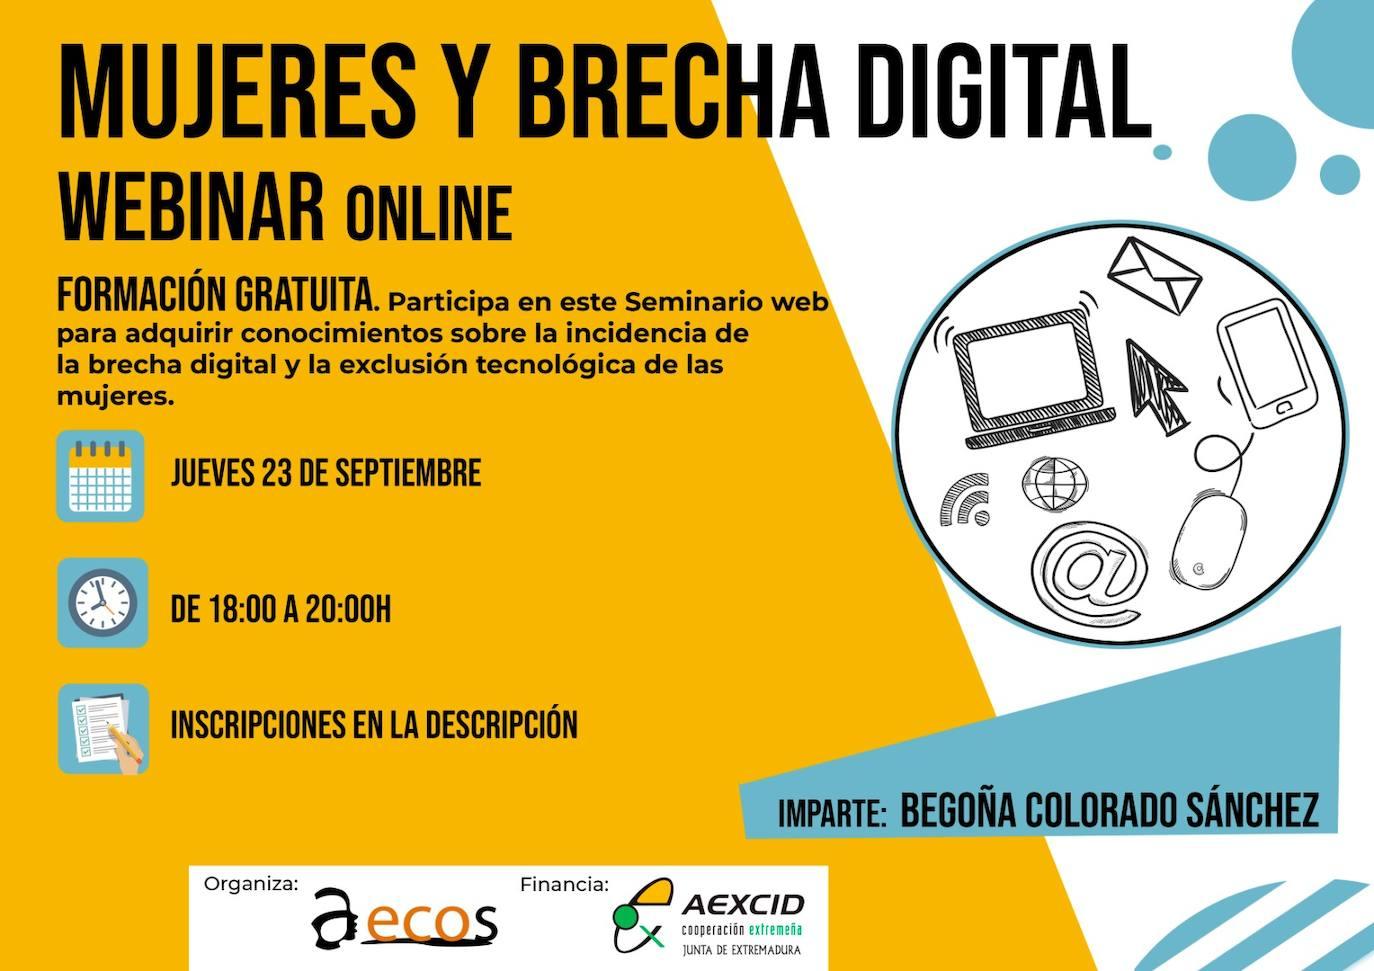 La Asociación Extremeña de Comunicación Social oferta una Webinar gratuita sobre 'Mujeres y Brecha Digital'